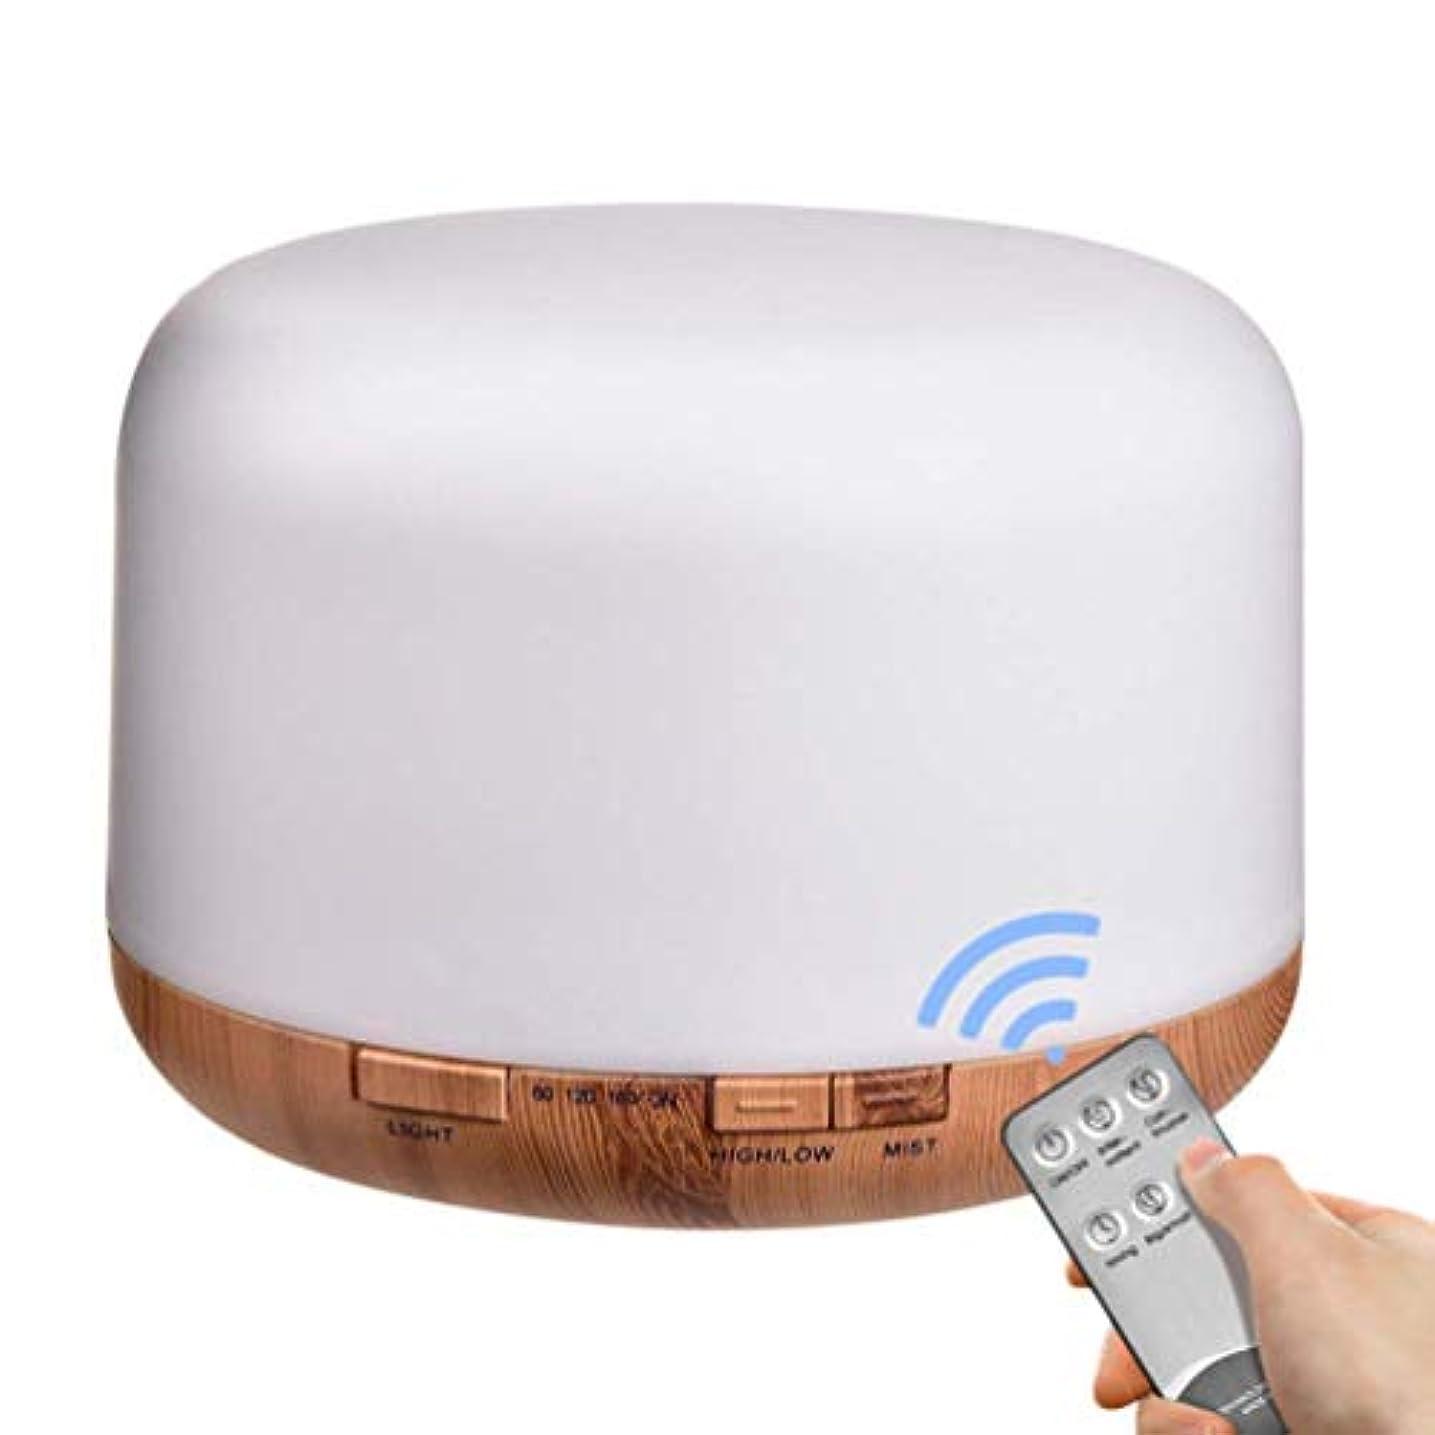 ズボンライラック迷信Healifty 1000ml Essential Oil Diffuser Remote Control Humidifier Spray Aromatherapy Humidifier with JP Plug